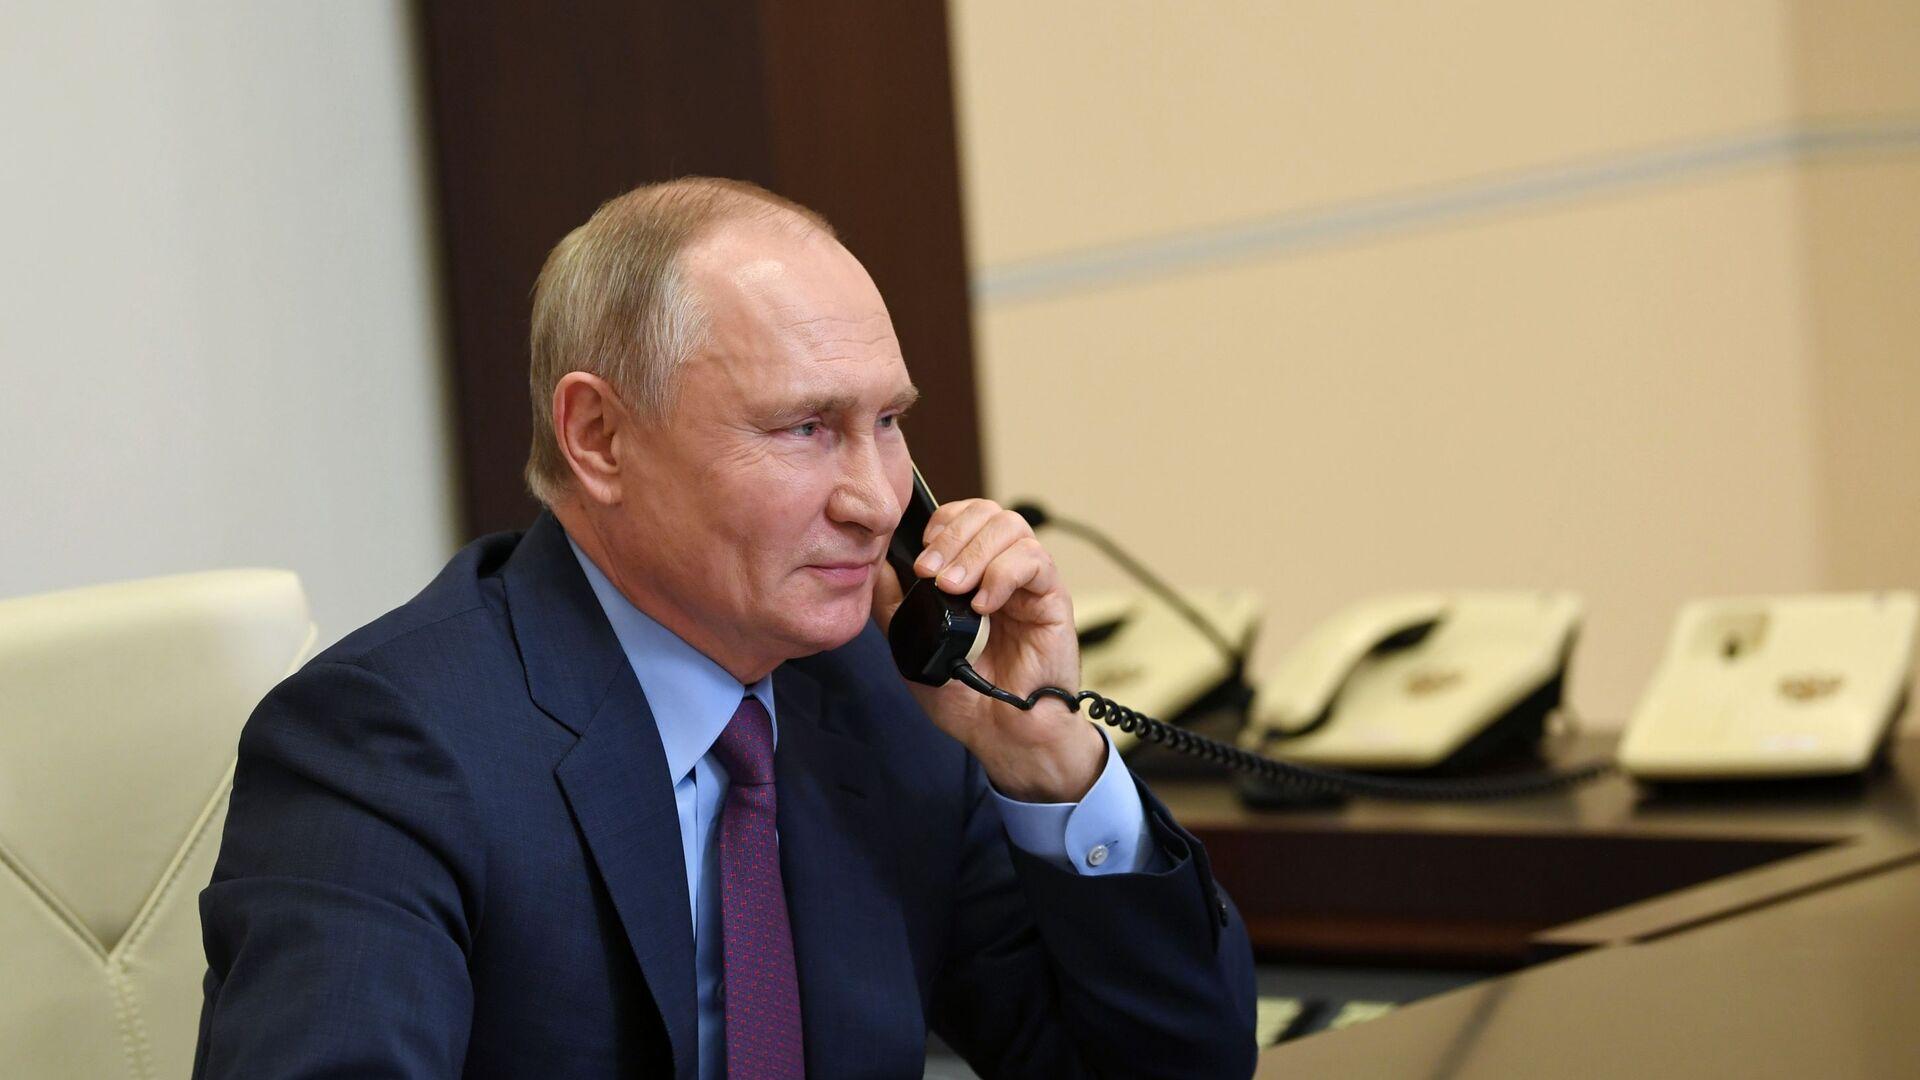 Vladímir Putin, presidente de Rusia, habla por teléfono con una veterana - Sputnik Mundo, 1920, 02.06.2021